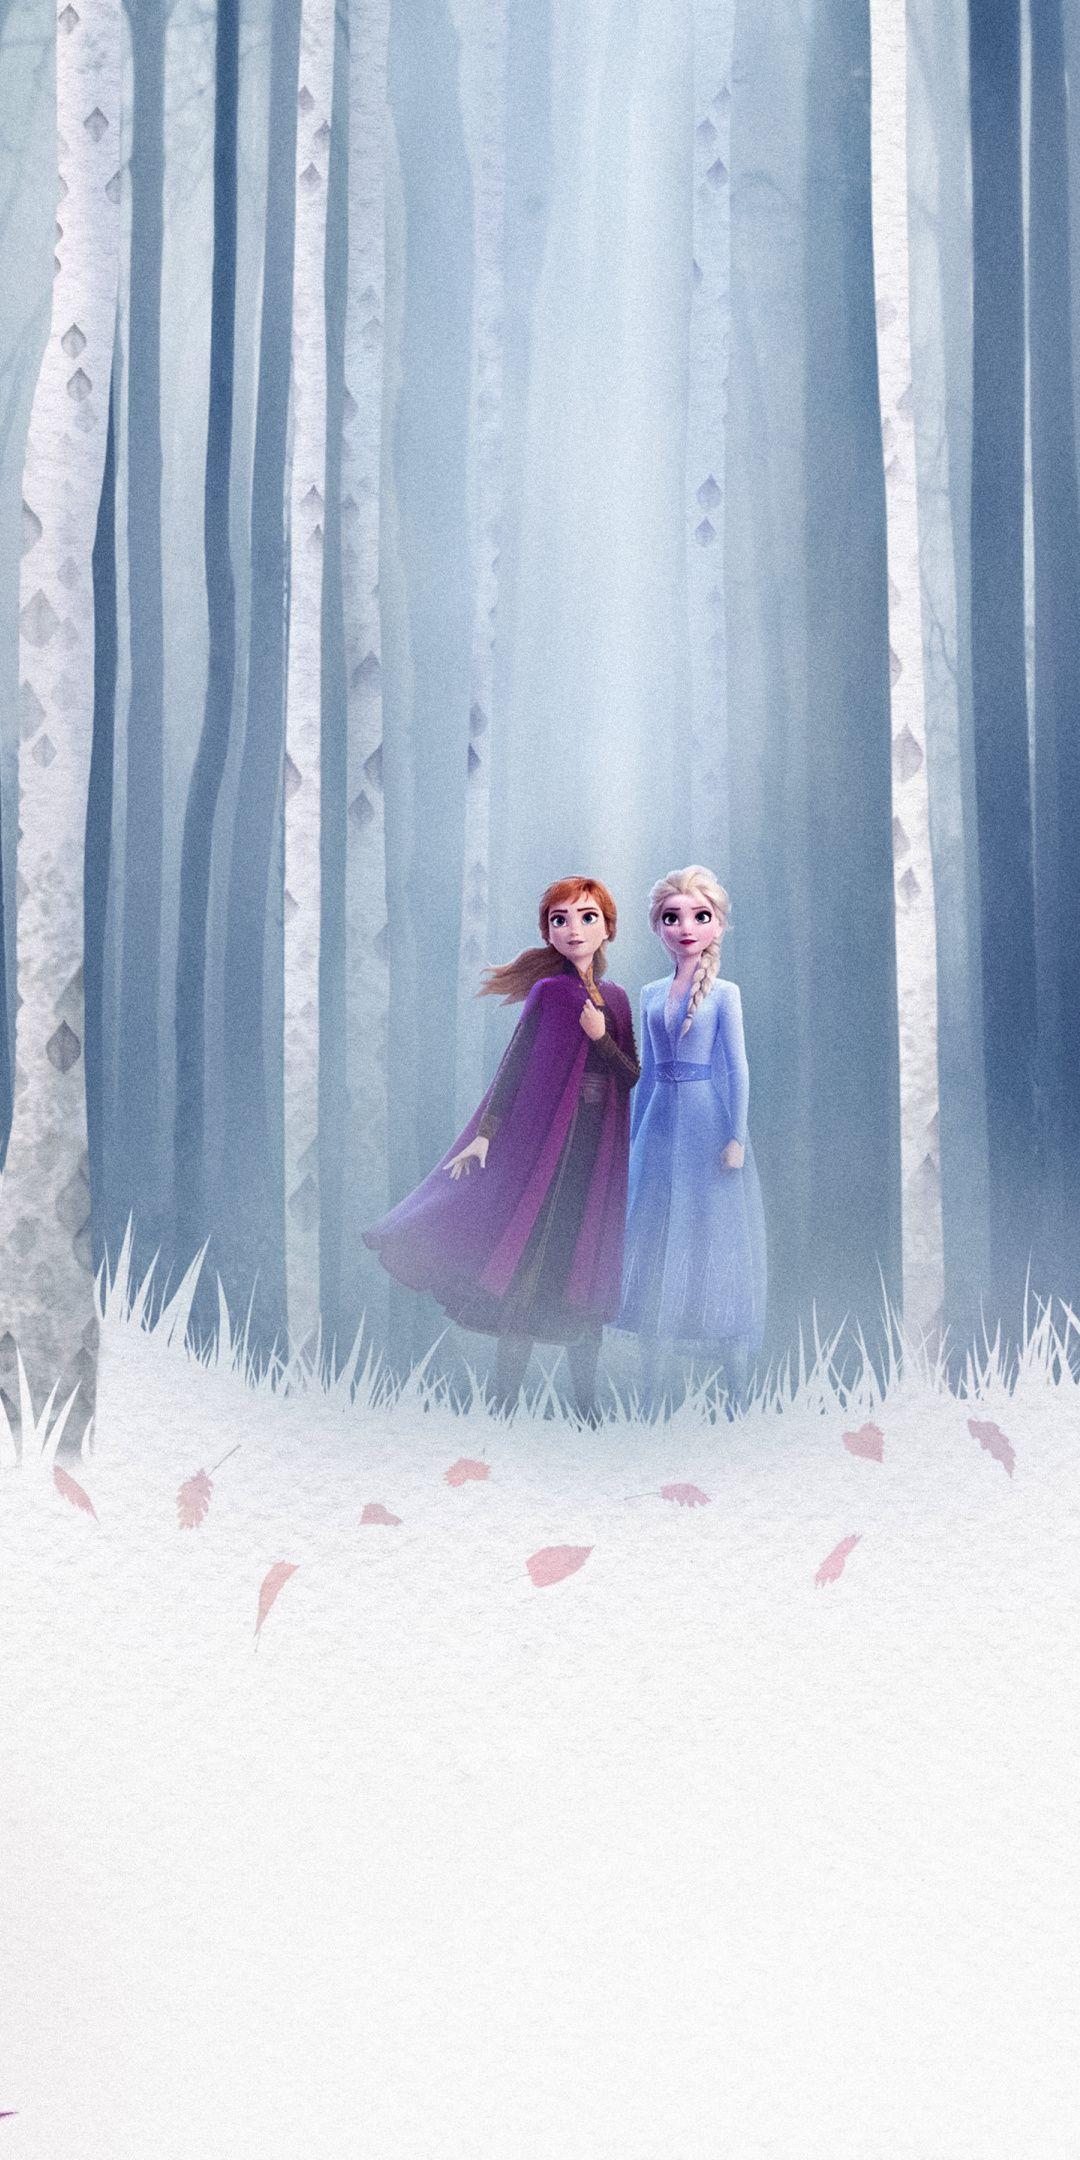 1080x2160 Frozen 2 Queen Elsa And Anna Forest 2019 Wallpaper Frozen Disney Movie Disney Princess Frozen Disney Princess Wallpaper